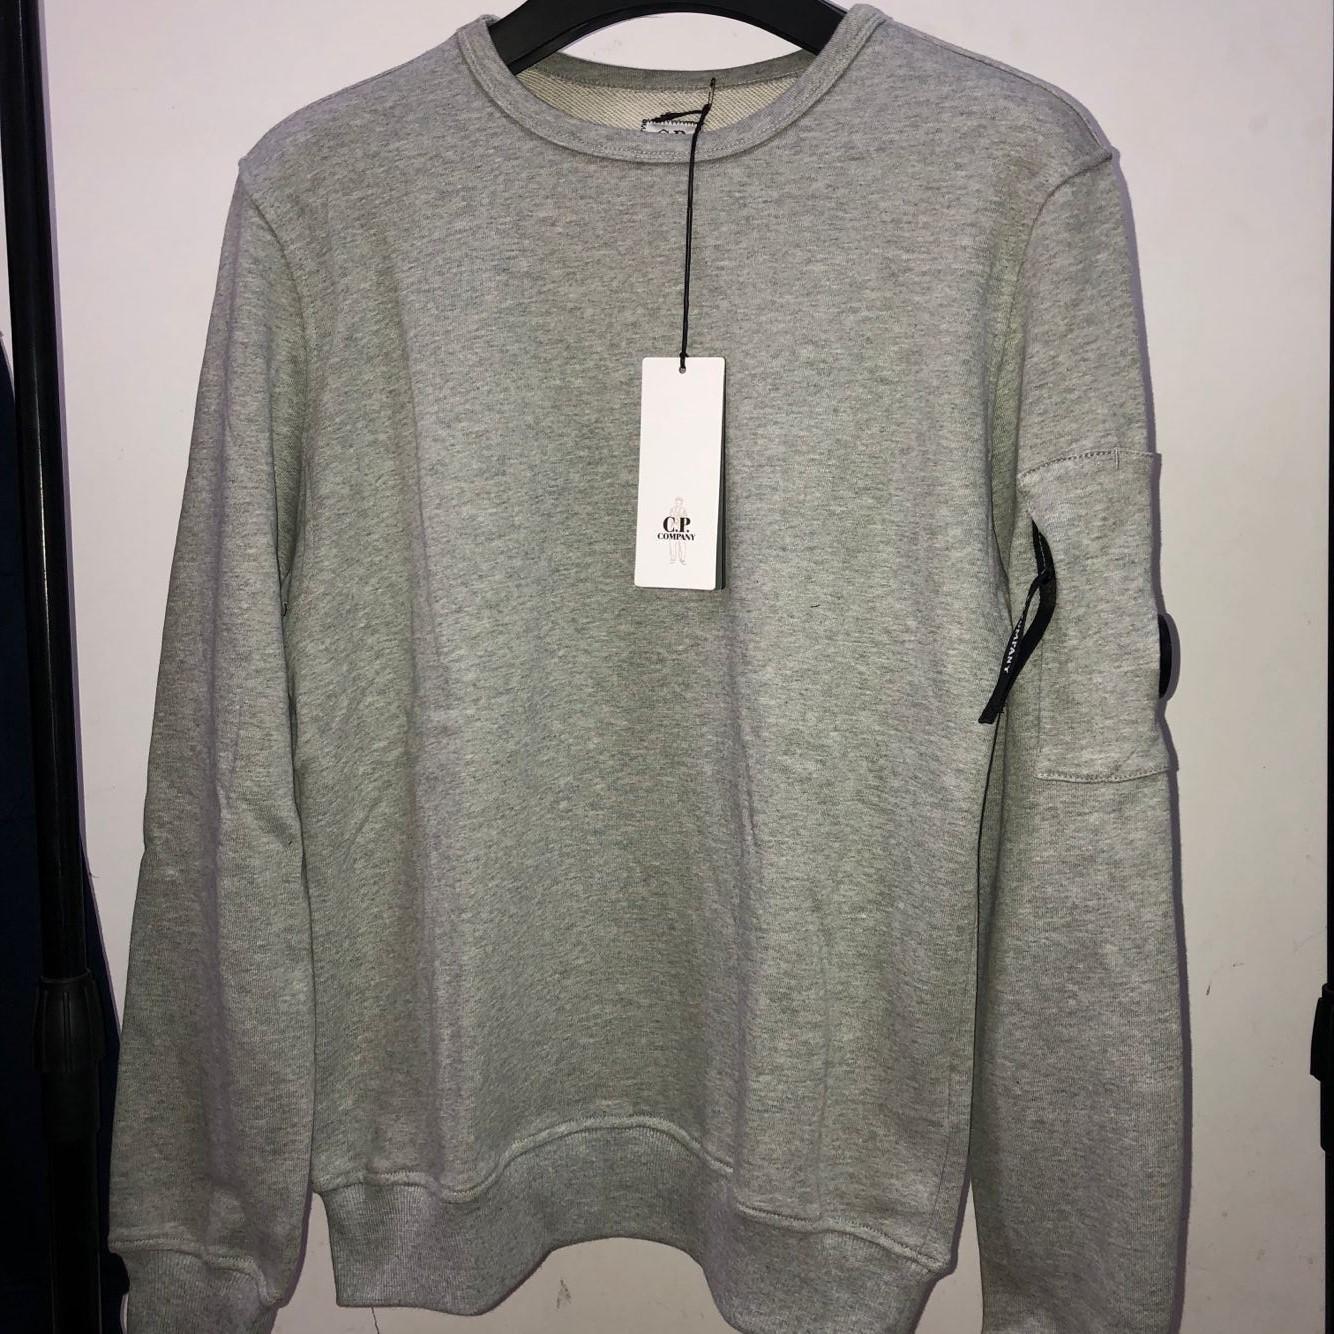 New C.P. Mens Marke Sweatshirts Firmen Designer Pullover Frauen Hoodies beiläufige Art und Weise Bluse Hiphop Street Luxury Strickjacke O Ansatz B103434L